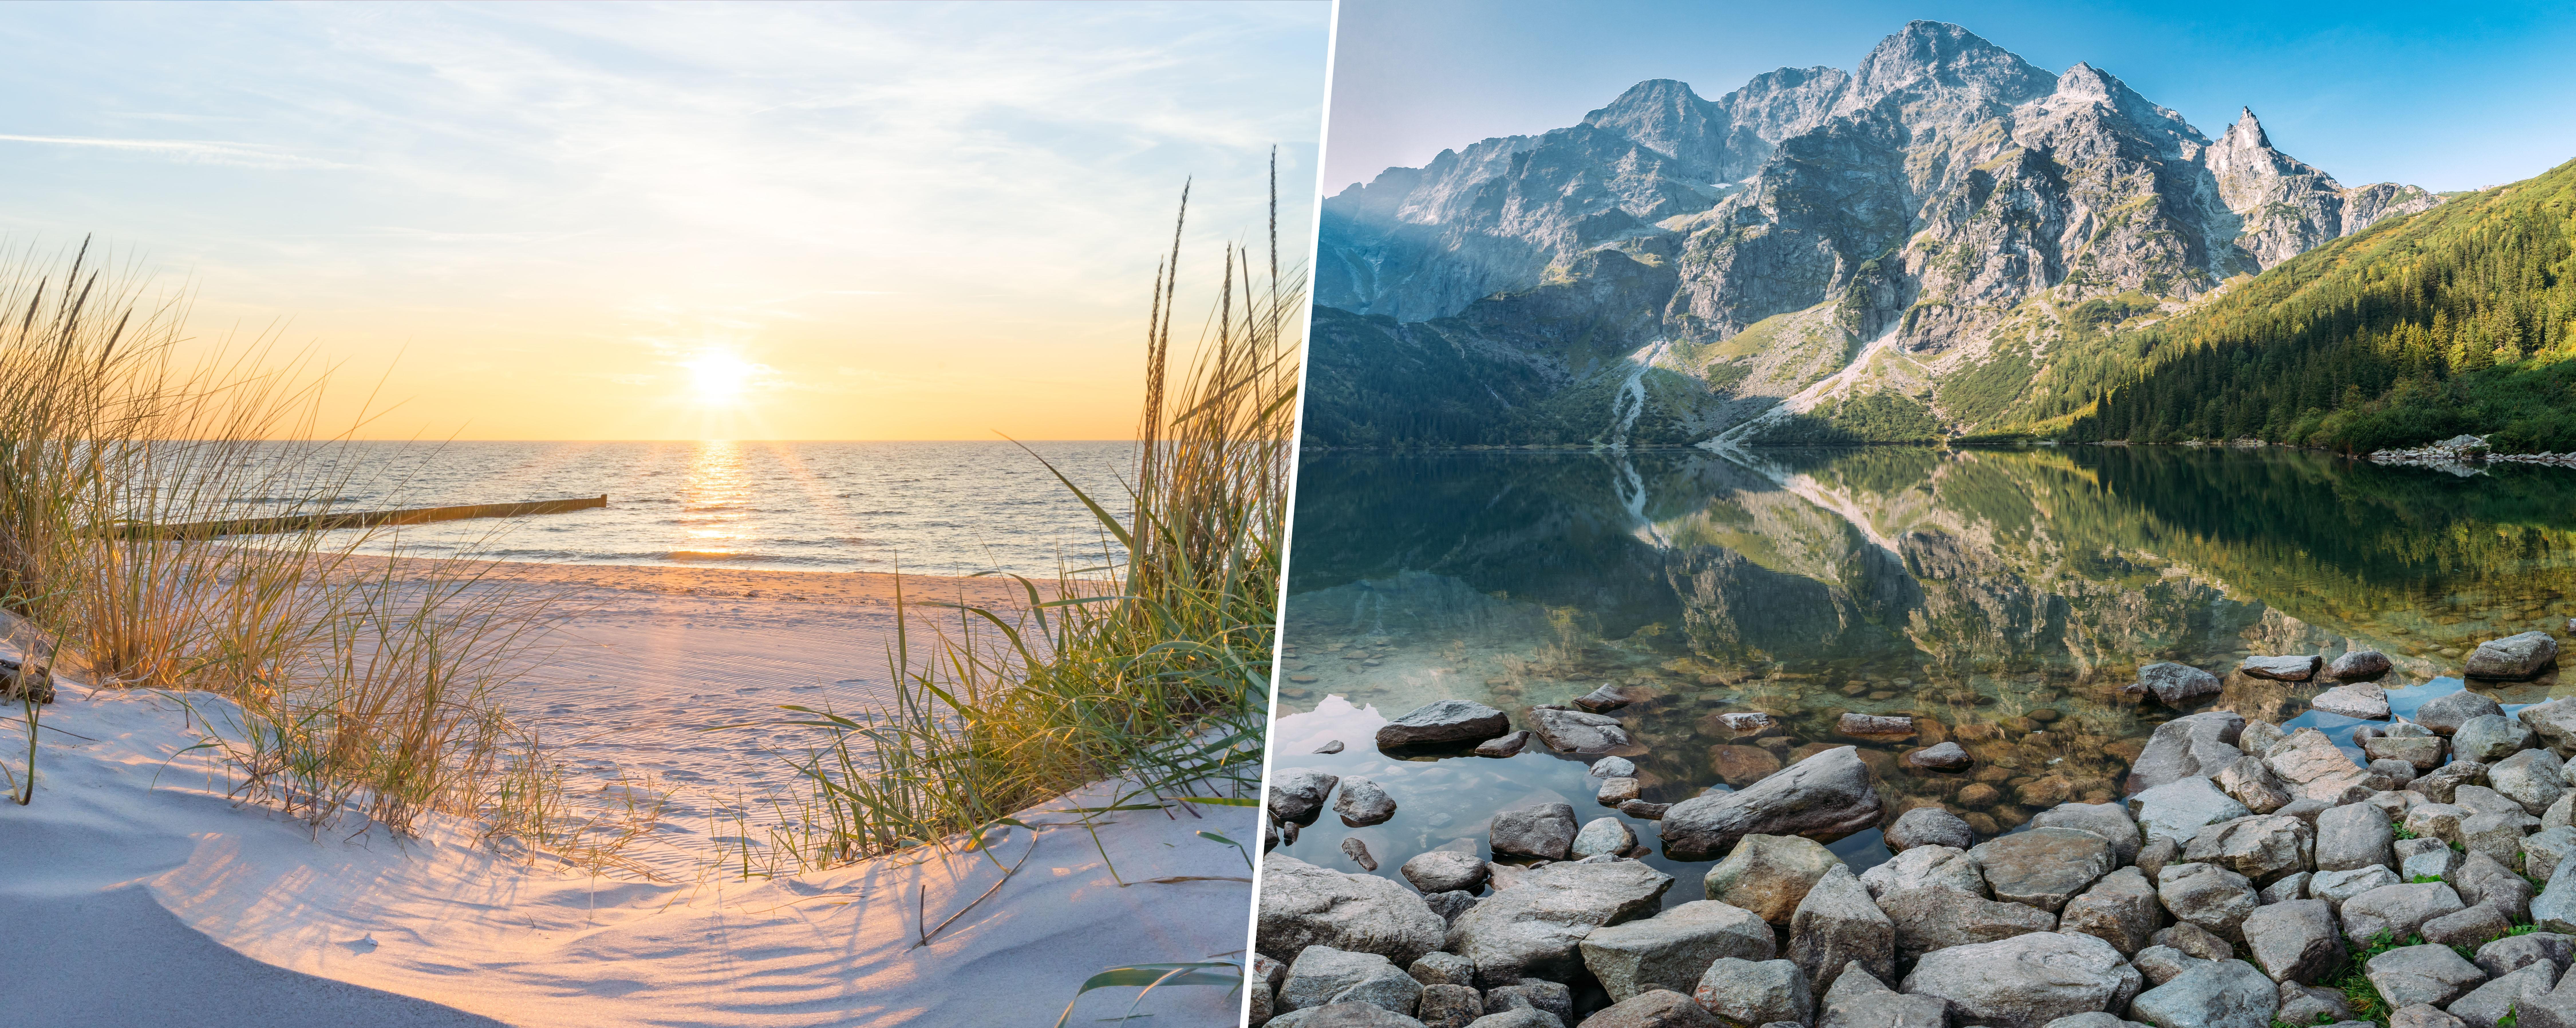 Gdzie na wakacje w tym roku: w góry czy nad morze?